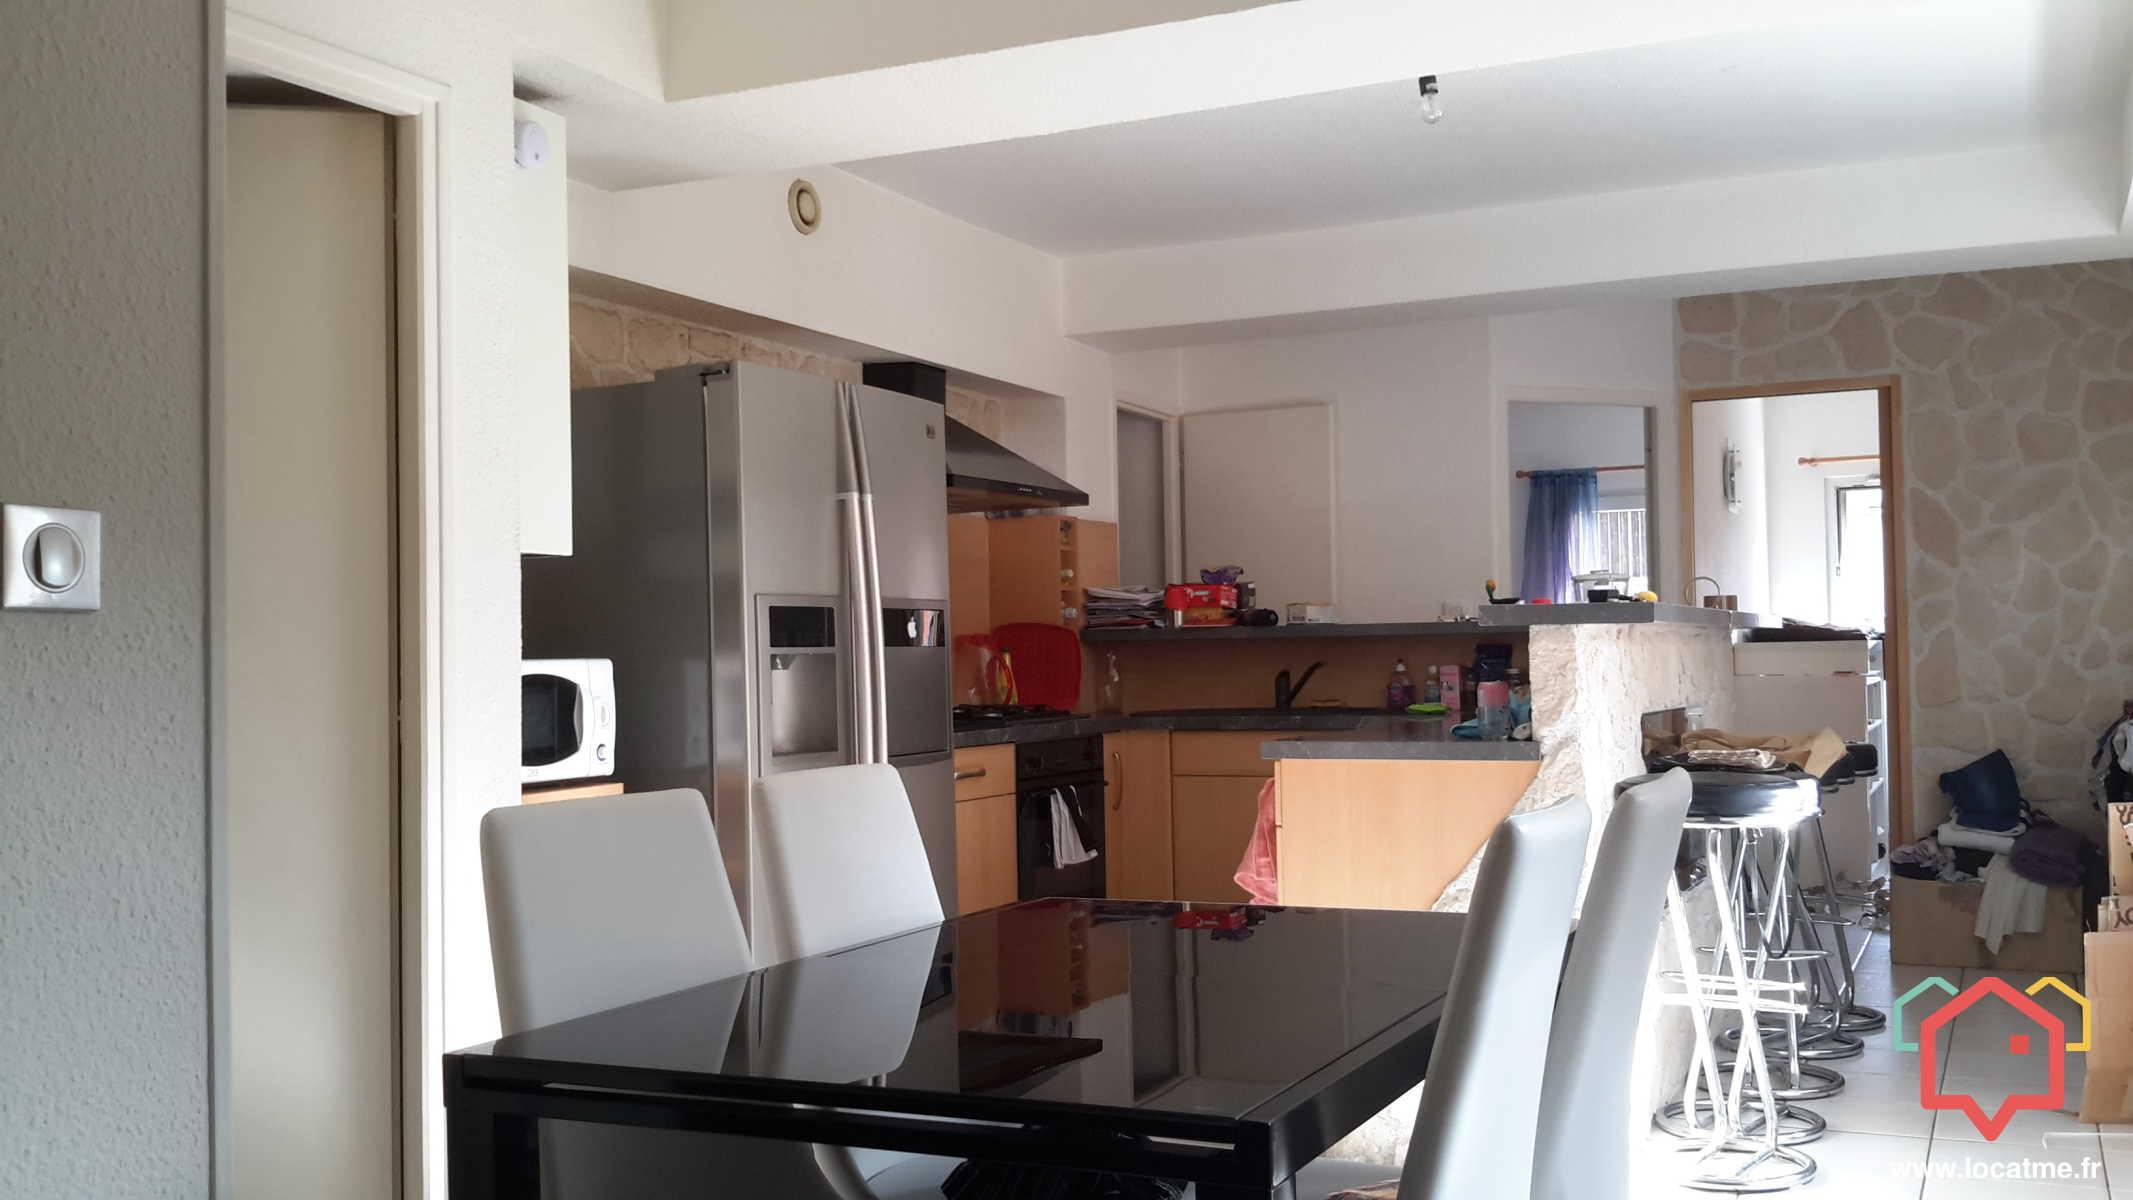 Bon Location Appartement Non Meublé à Ambilly De Particulier à Particulier